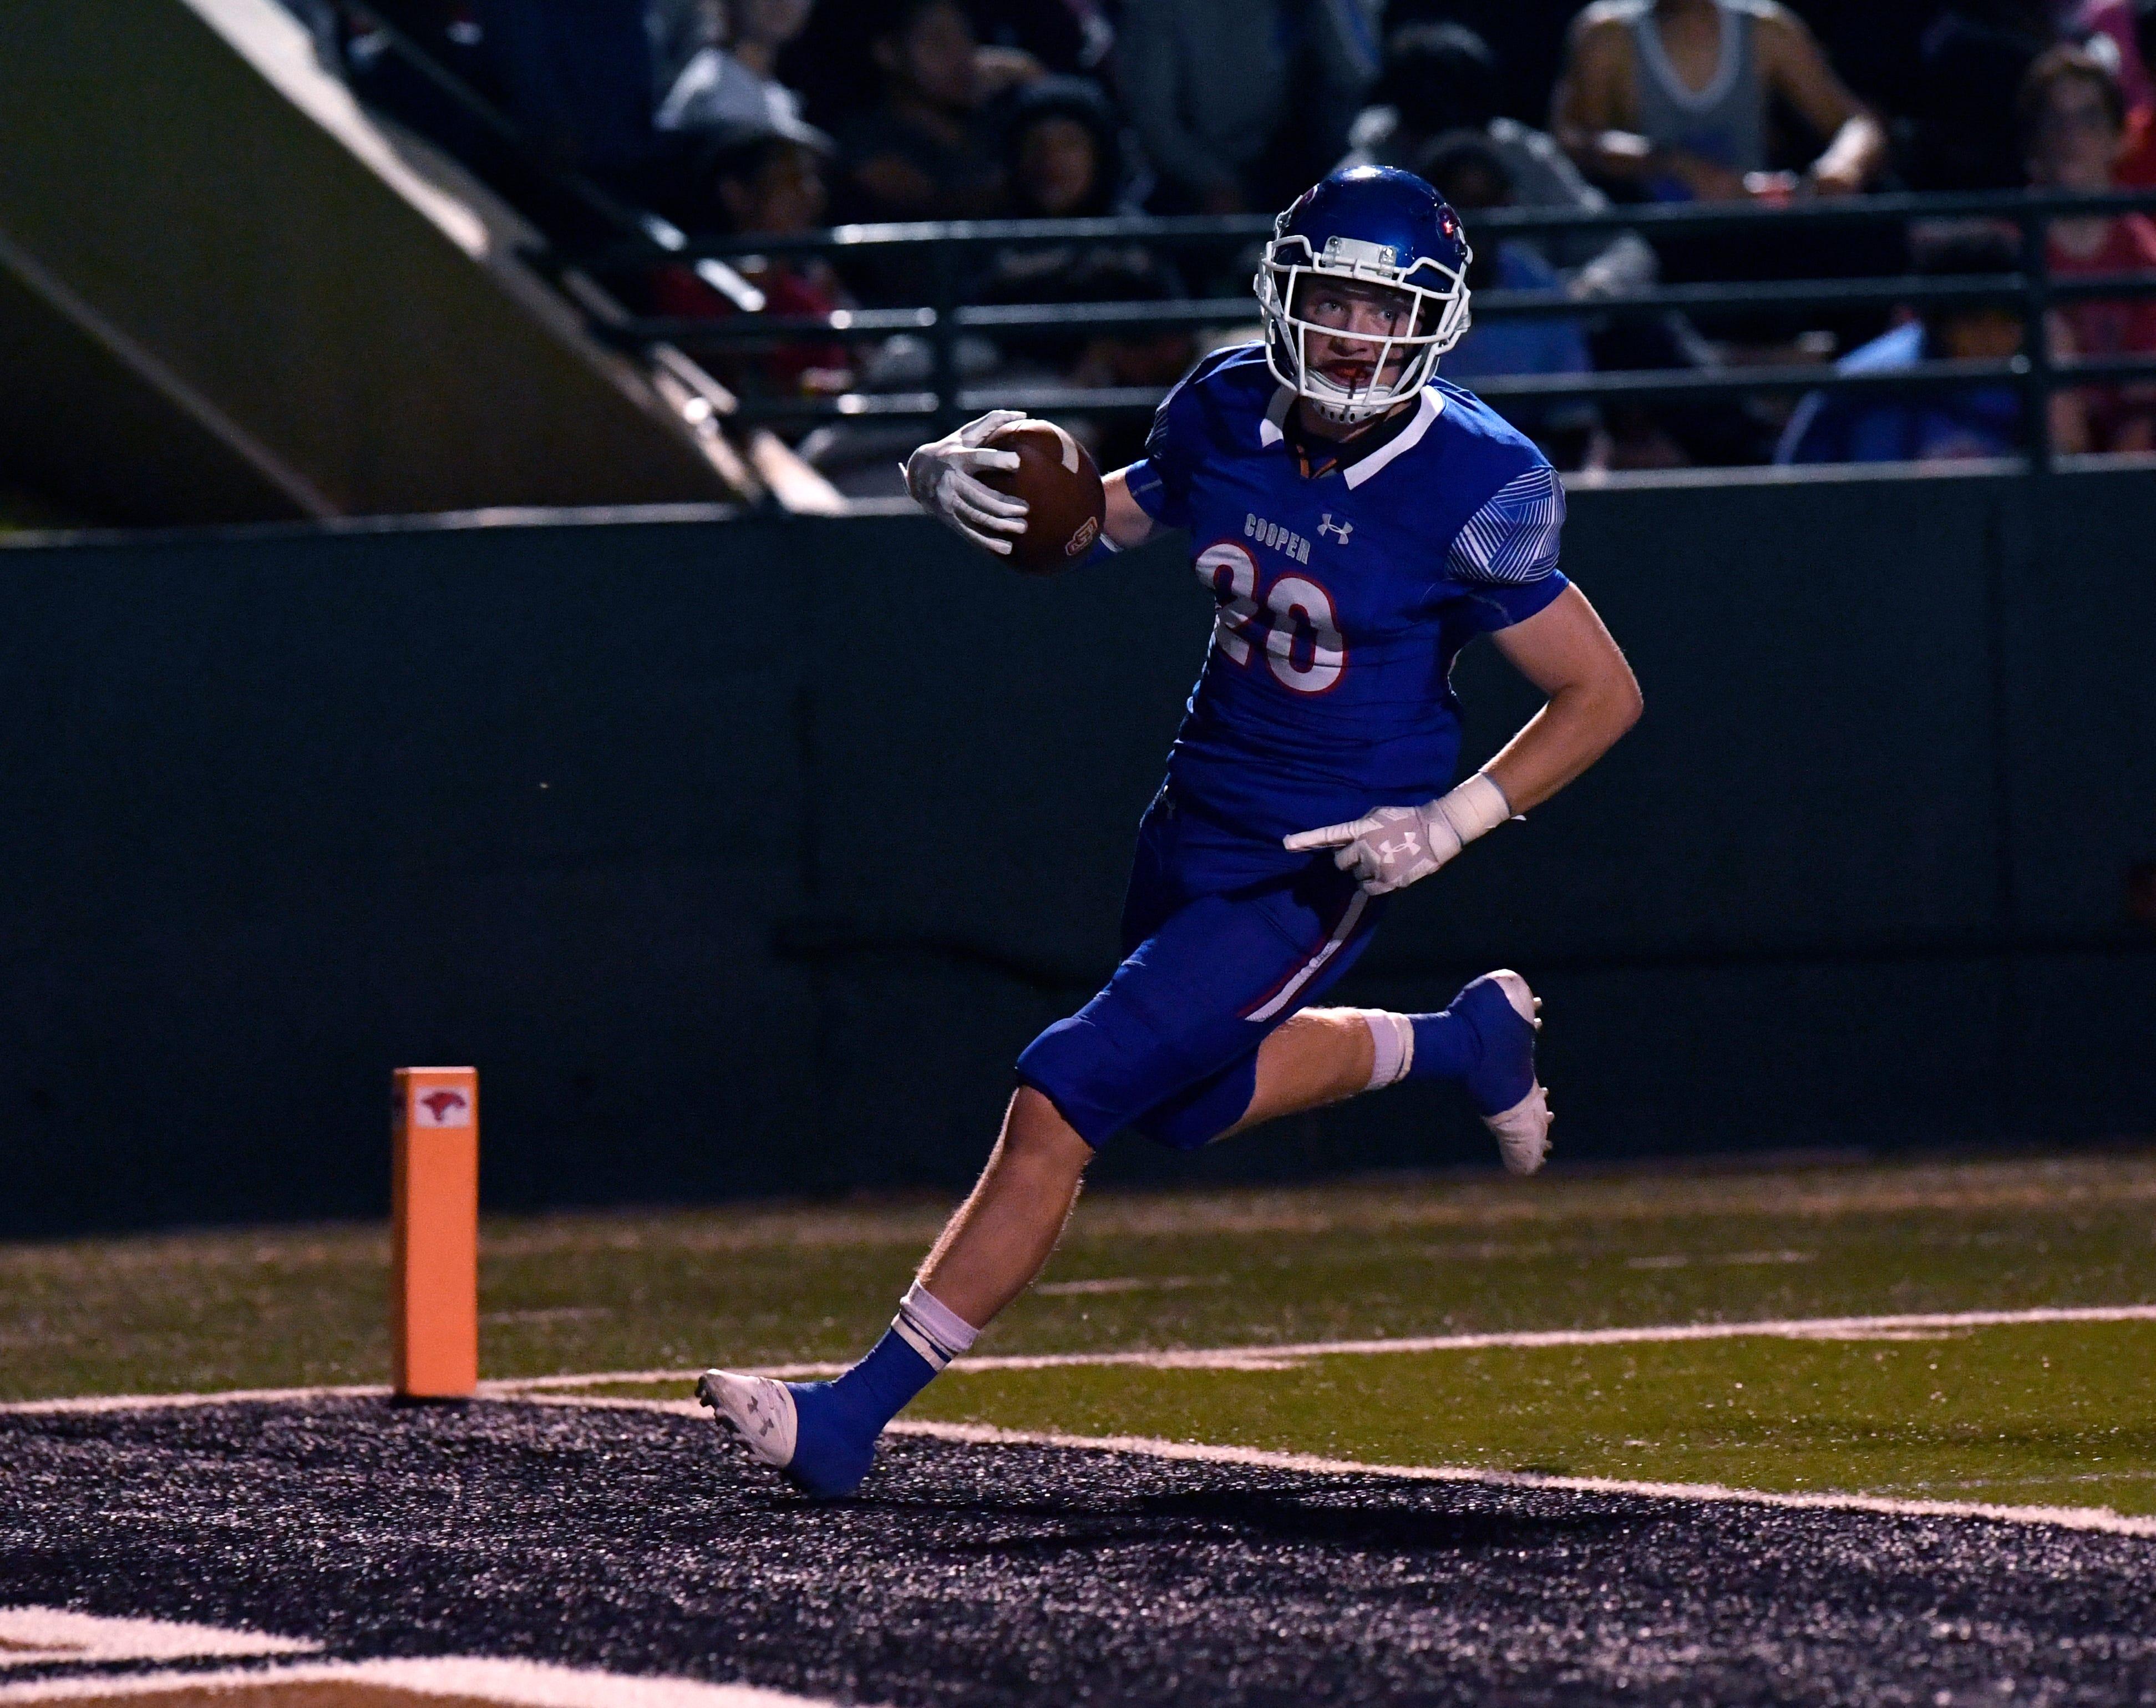 Cooper linebacker Brady Miller scores a touchdown after intercepting a Lubbock Coronado pass on Oct. 5.